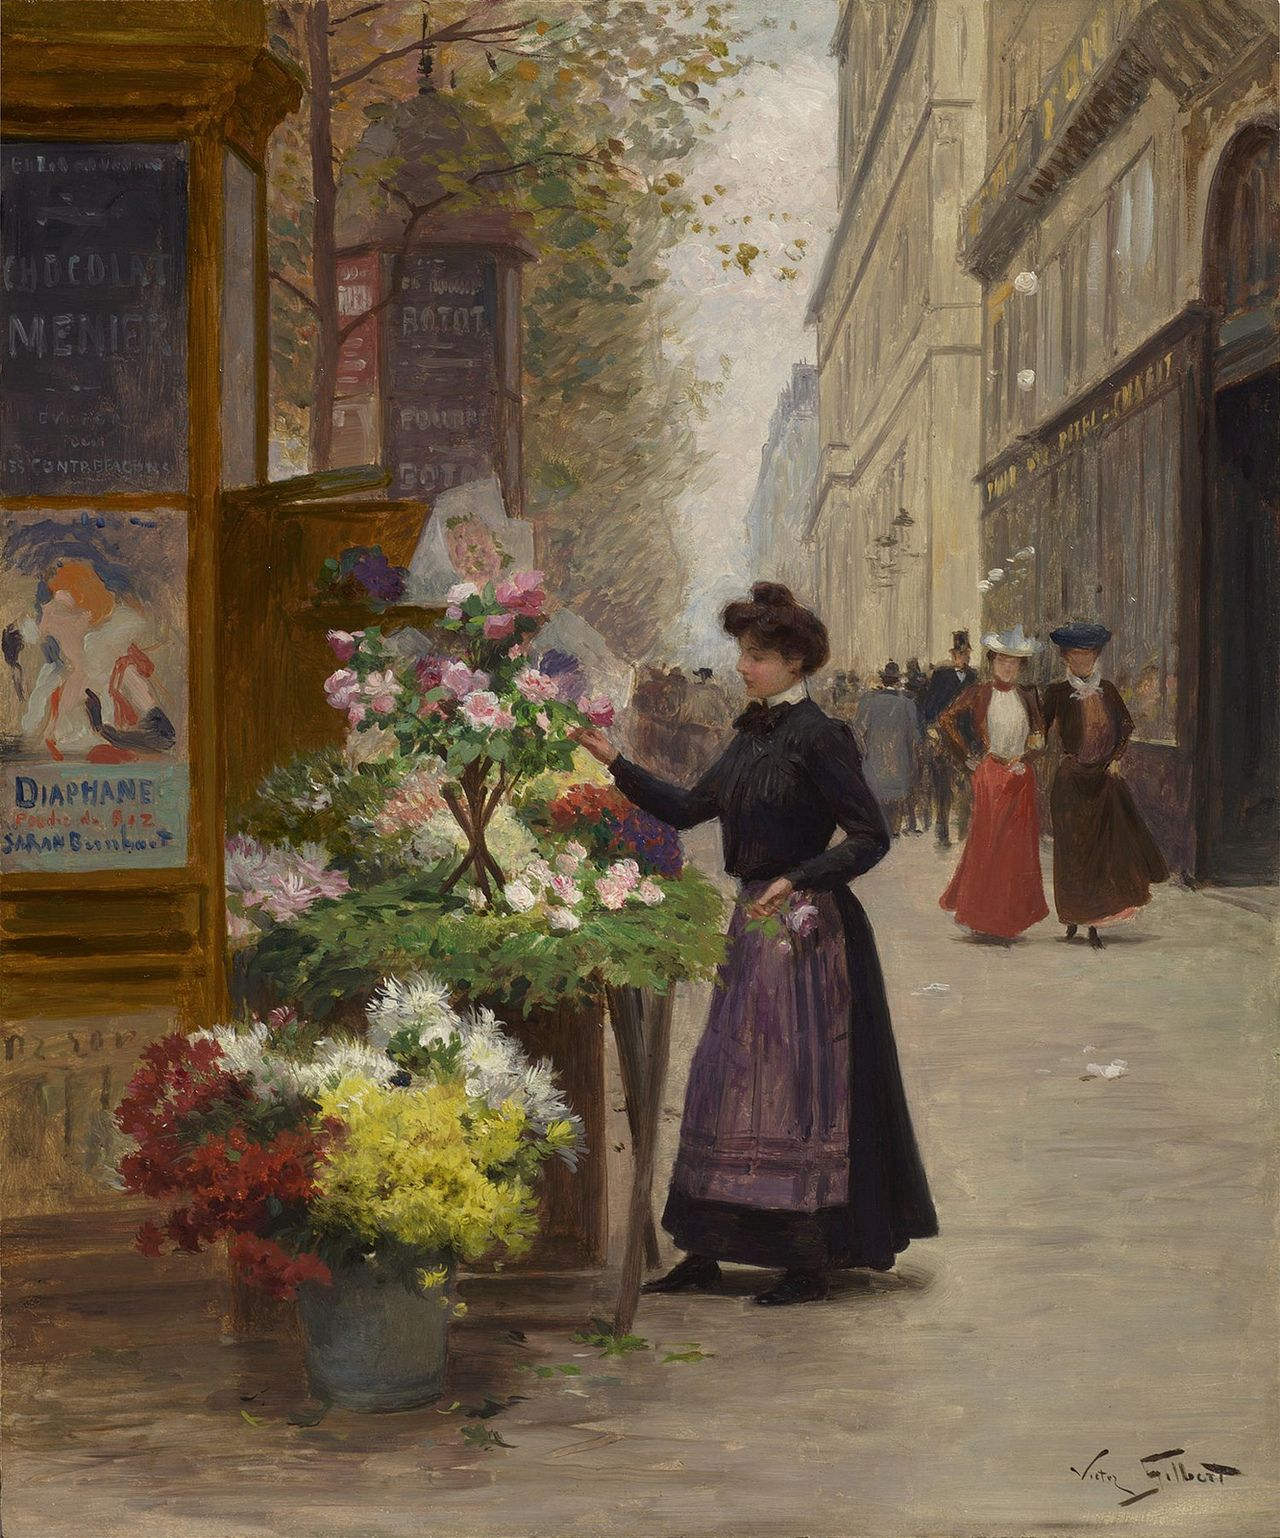 Victor Gilbert, Joven florista en el Grand Boulevard de Paris (fecha desconocida)